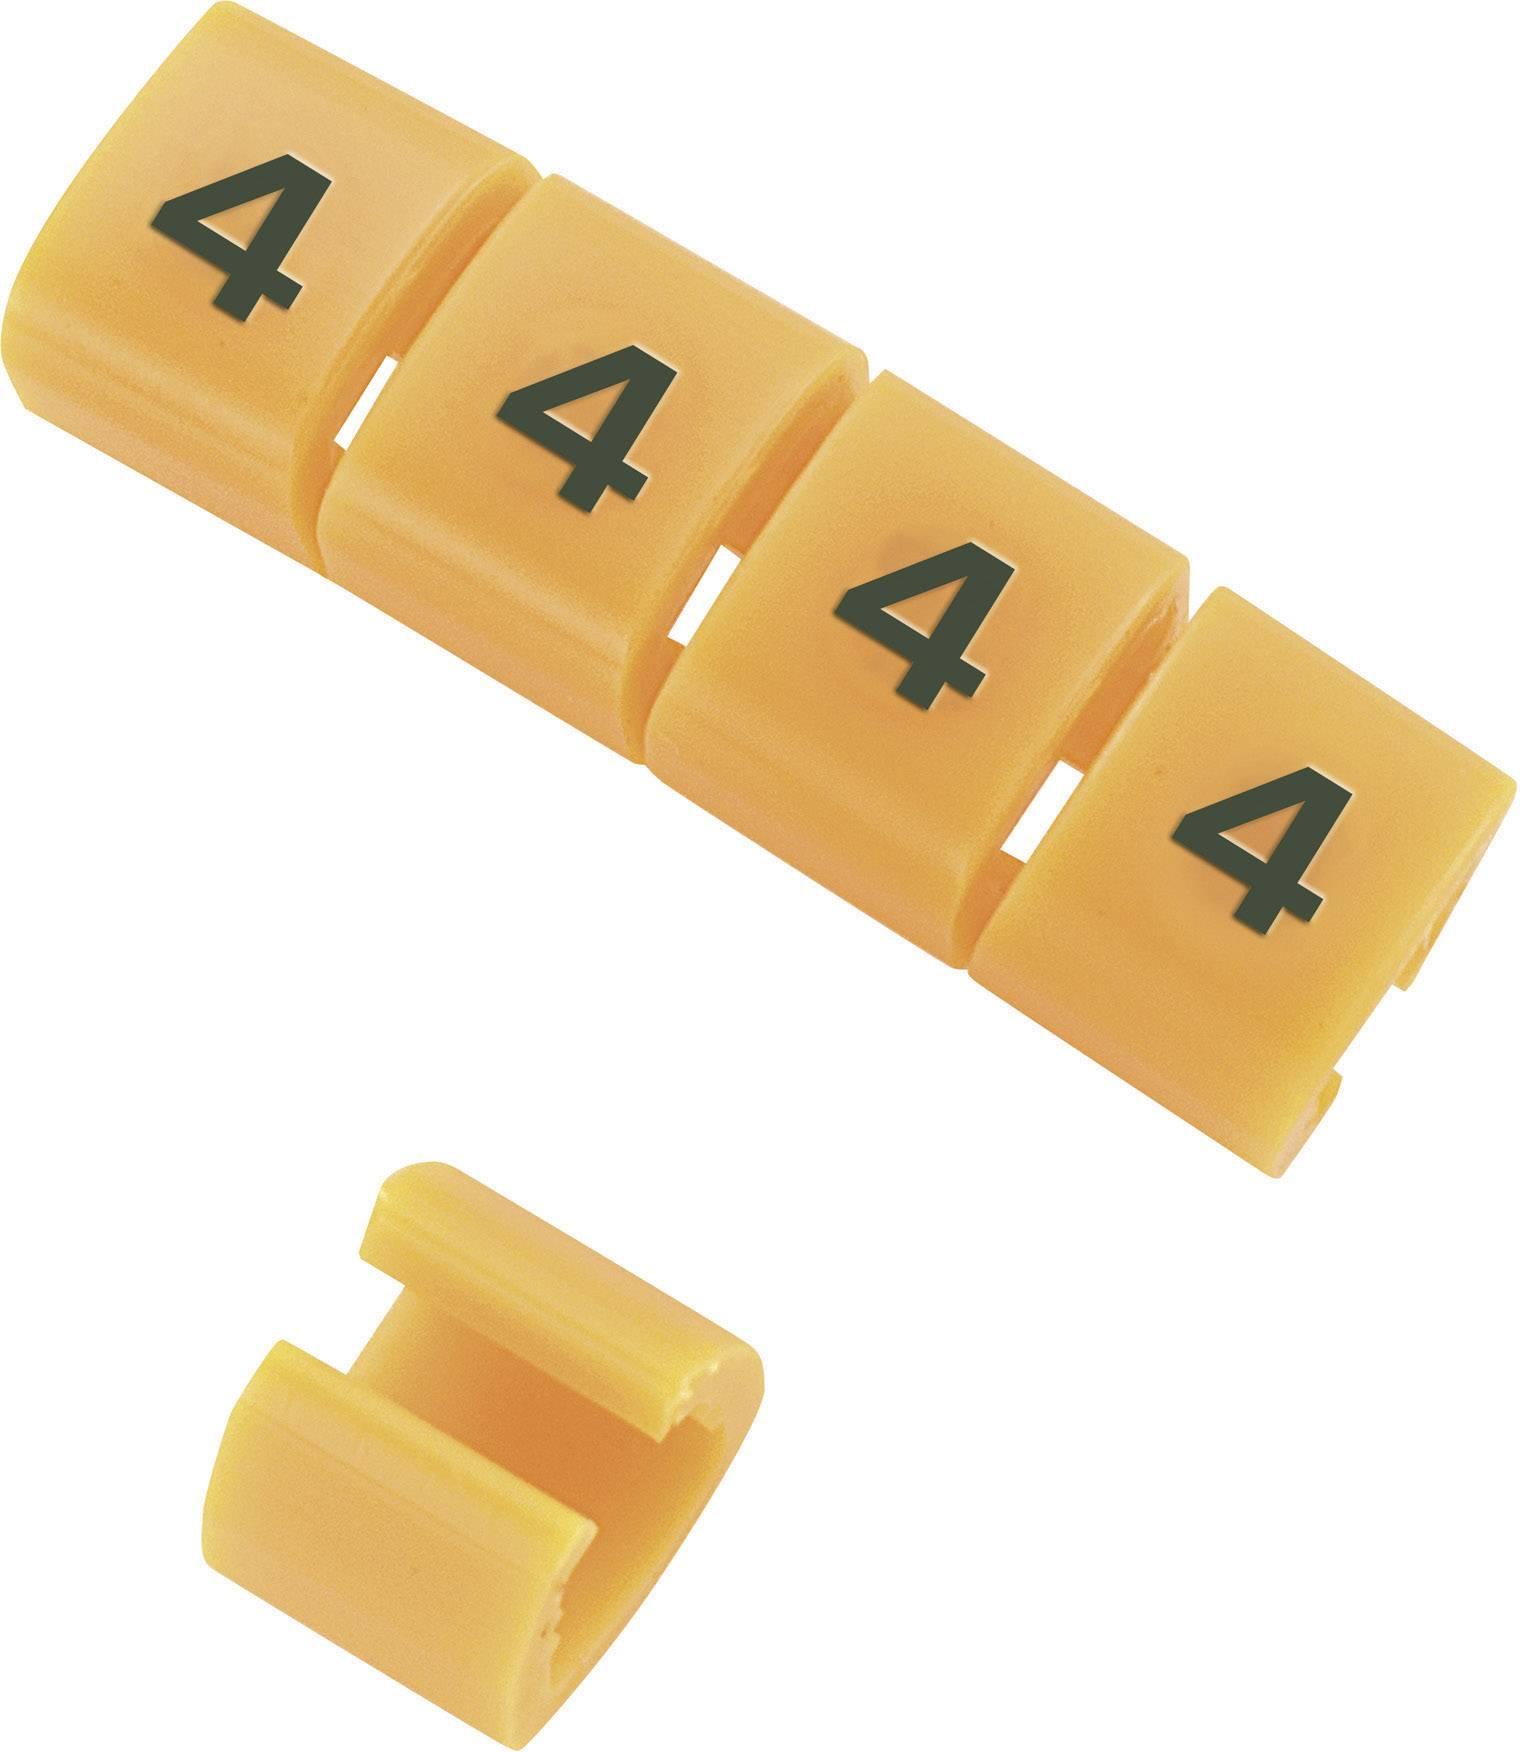 Označovacie objímka na káble KSS MB2/4, oranžová, 10 ks